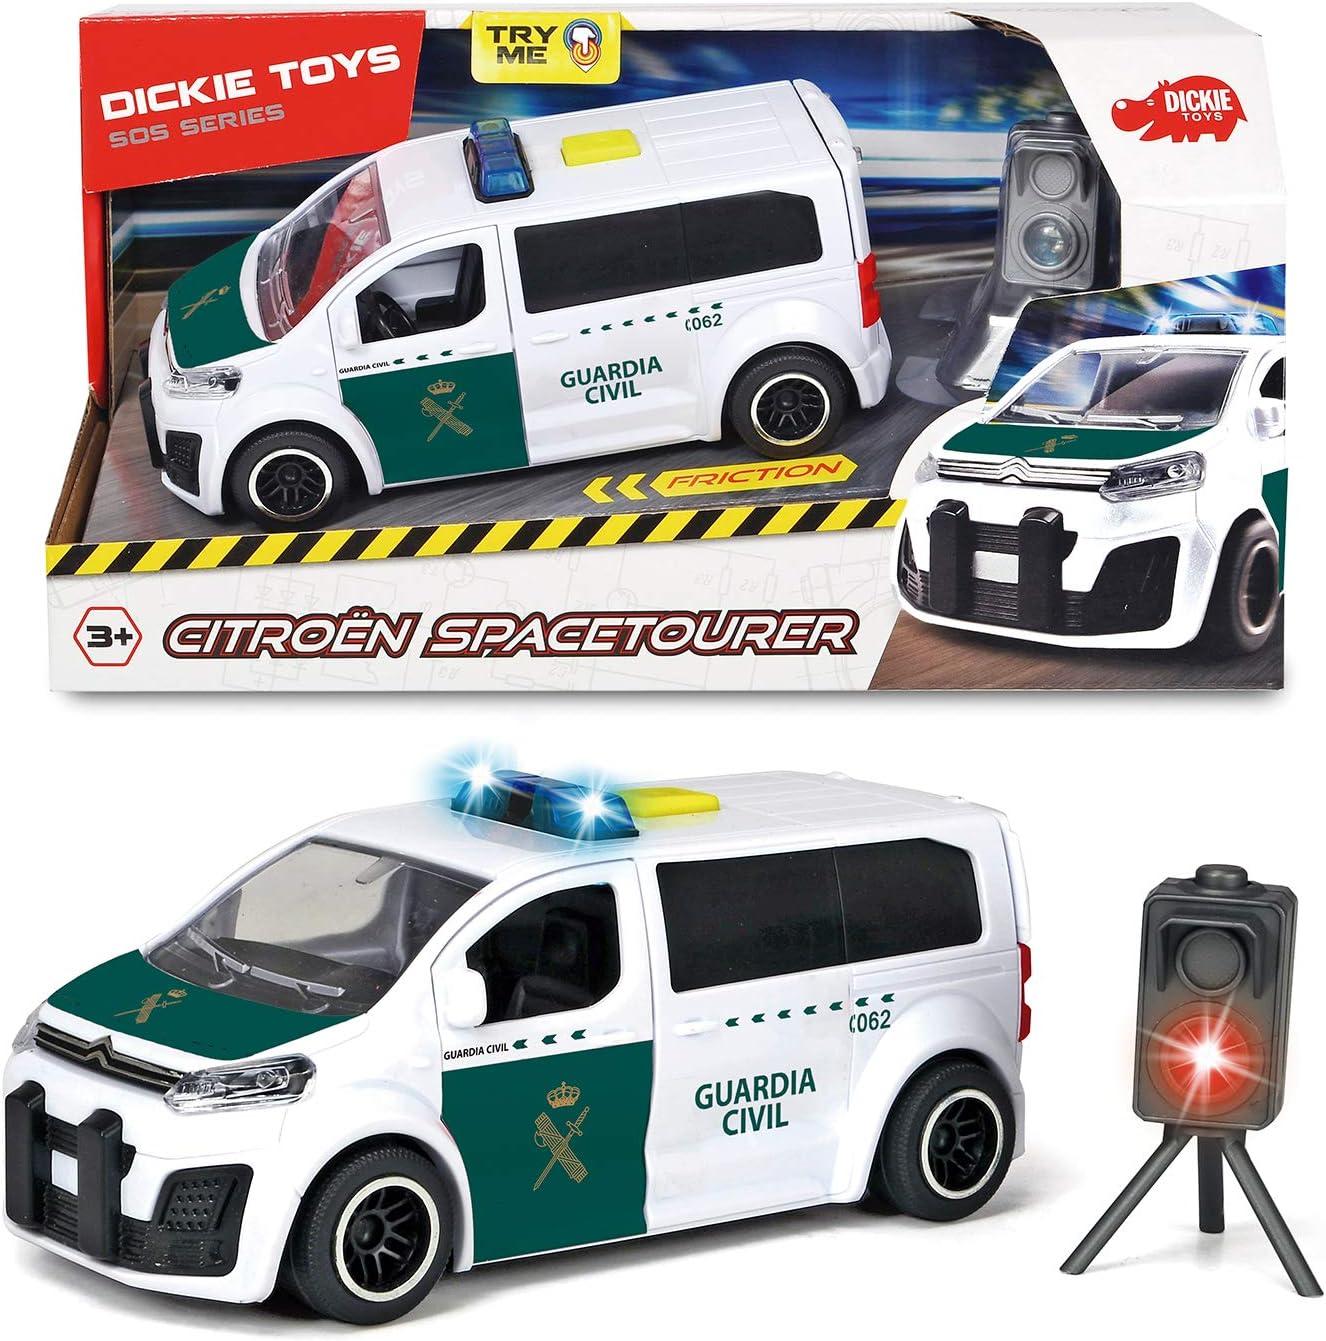 Dickie-Guardia Civil Furgoneta Citröen con Radar 15 cm 1153020 Vehículo de Juguete con función, Color Blanco/Verde